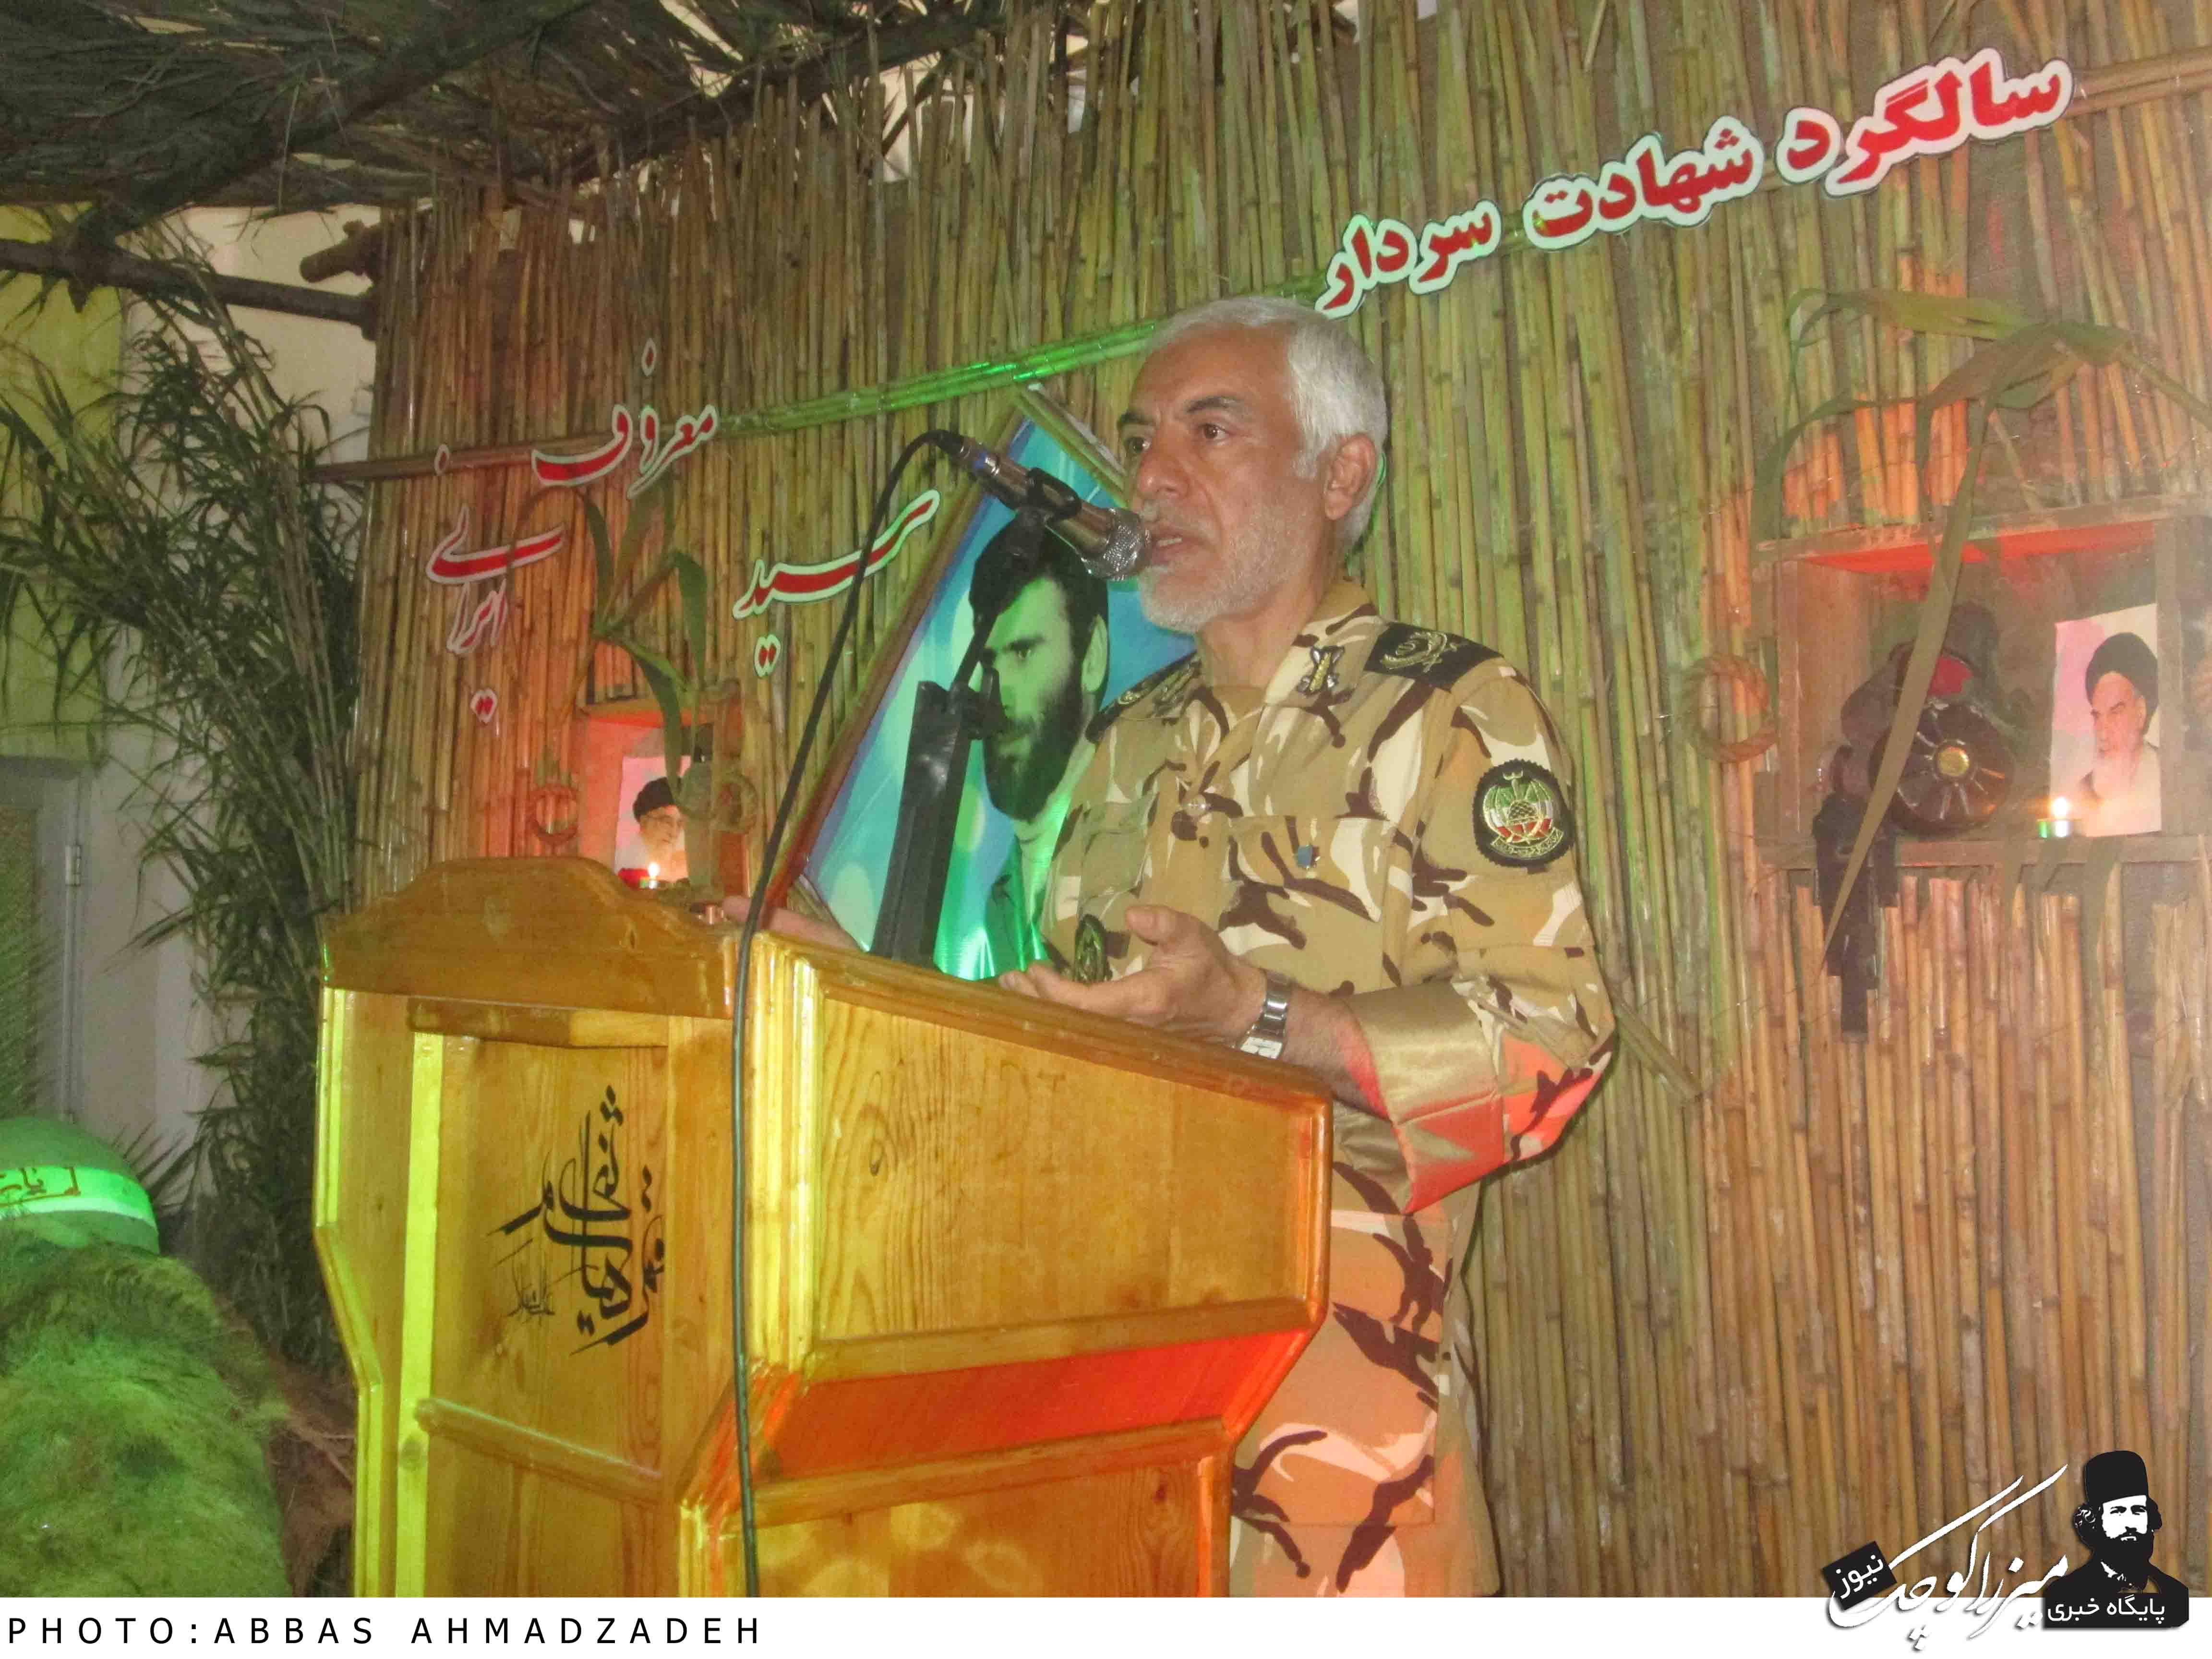 سالگرد شهادت سردار شهید سید معروف ایرانی + گزارش تصویری